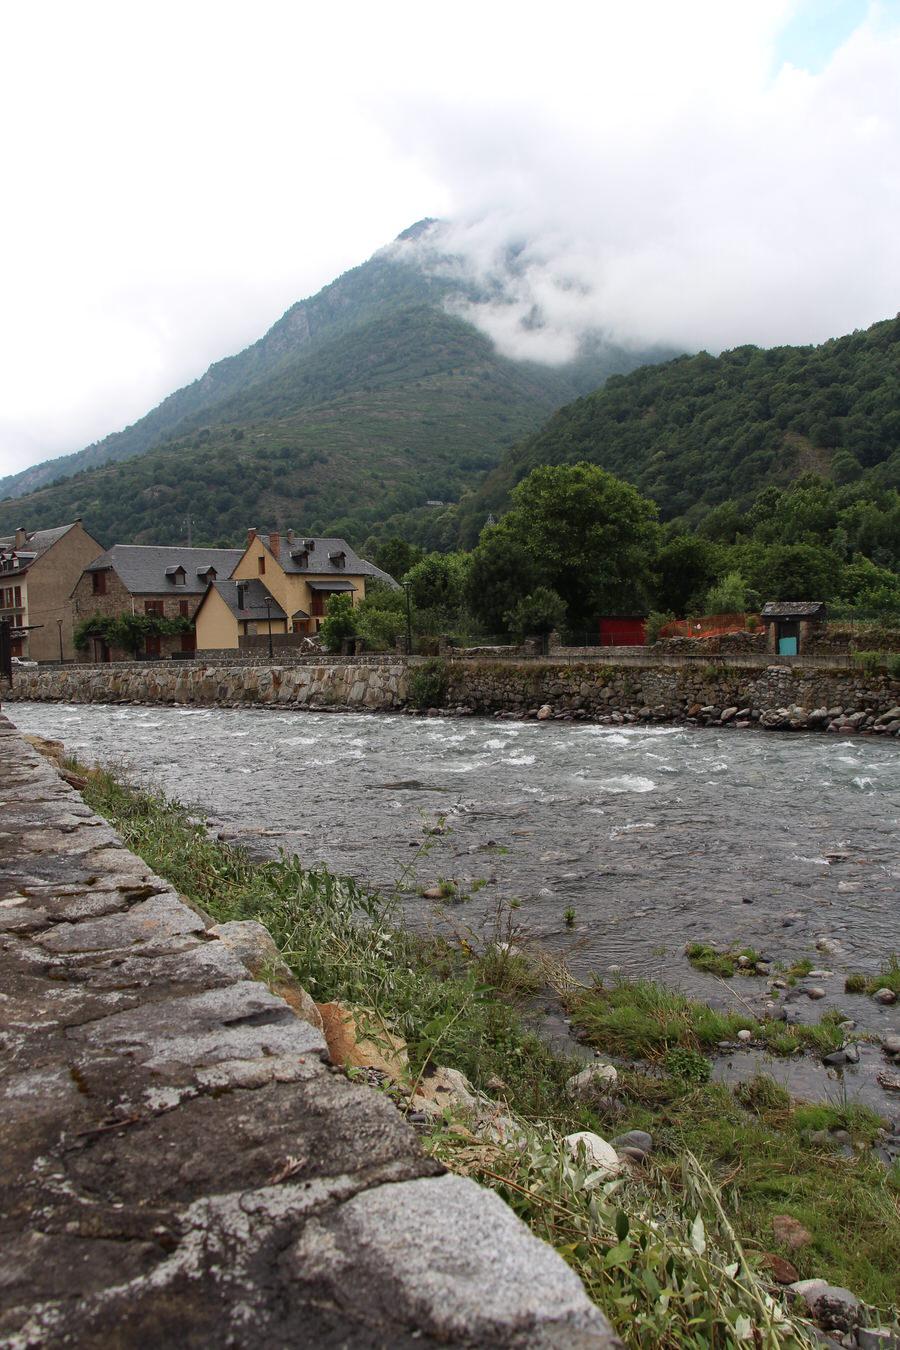 -Río Garona a su paso por Bossost-